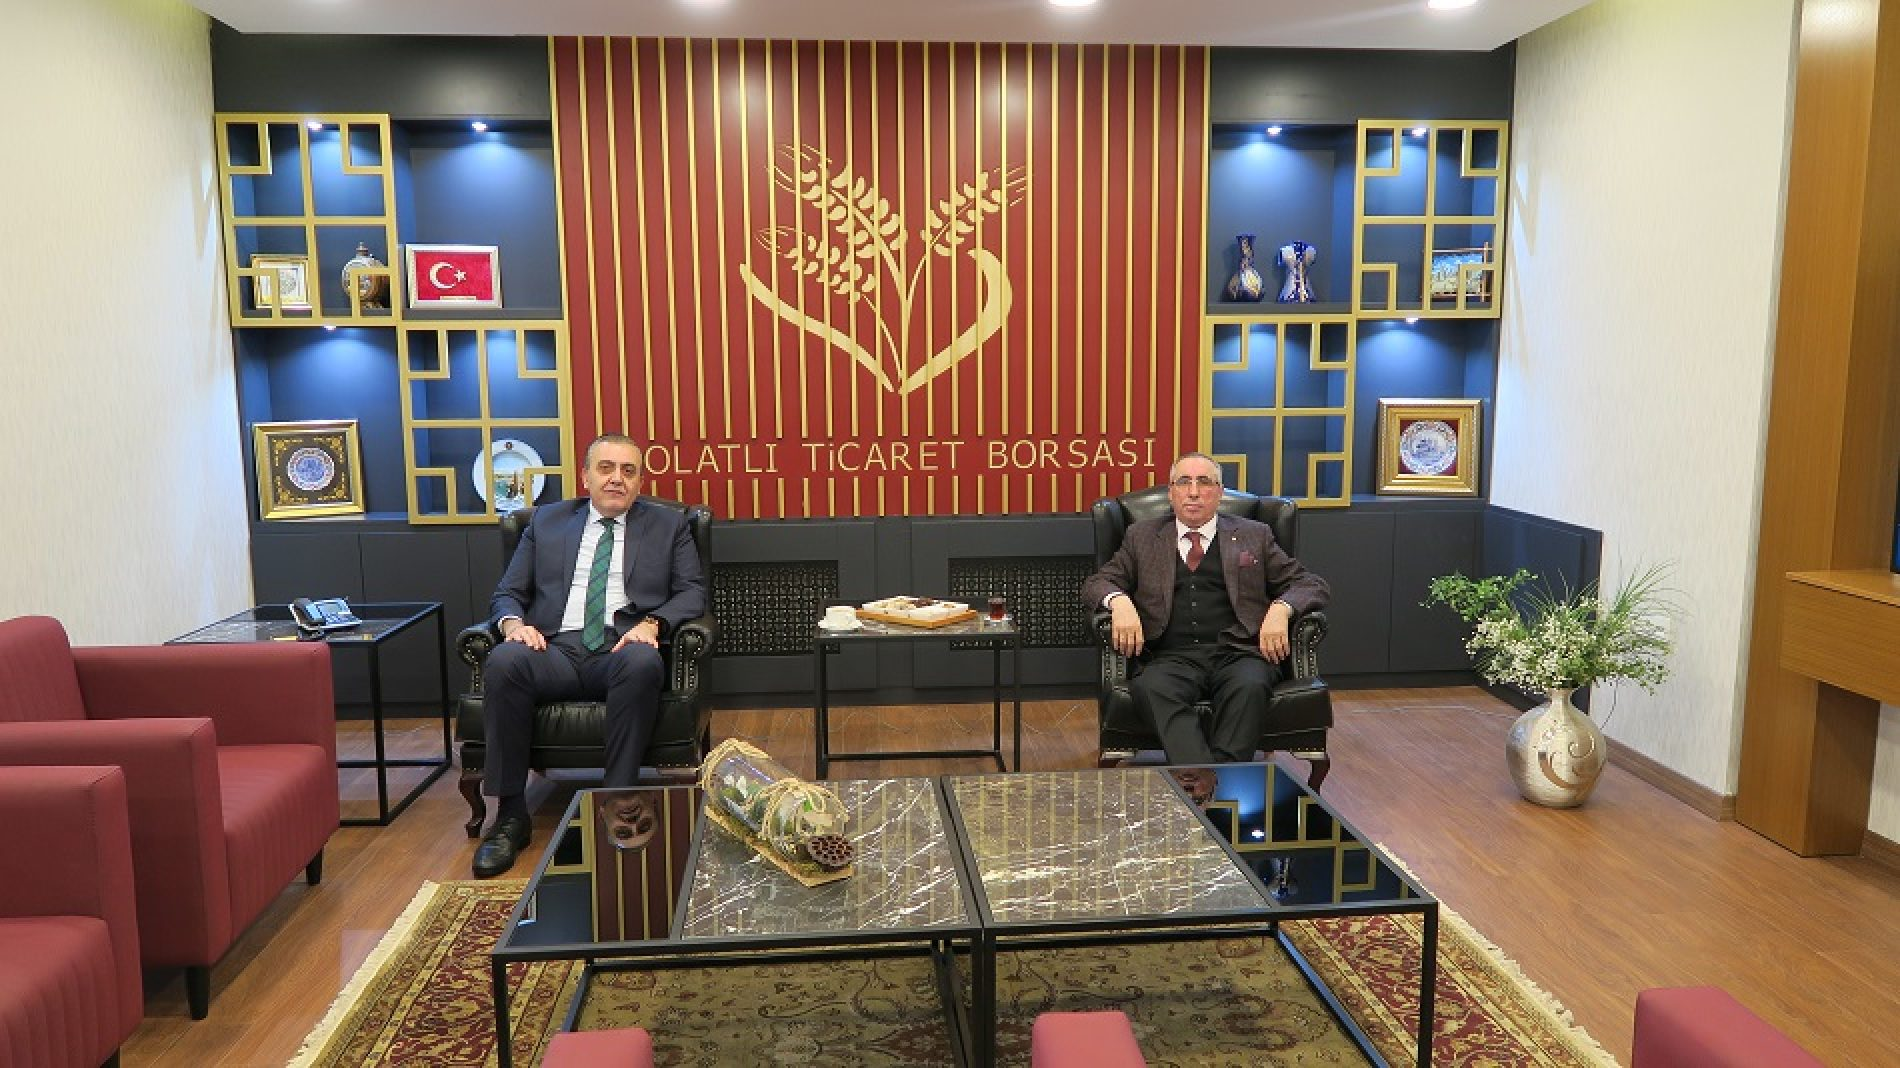 Polatlı Kaymakamı Sn Mahmut Nedim TUNÇER, Başkanımız Yahya TOPLU'yu Makamında ziyaret etti…